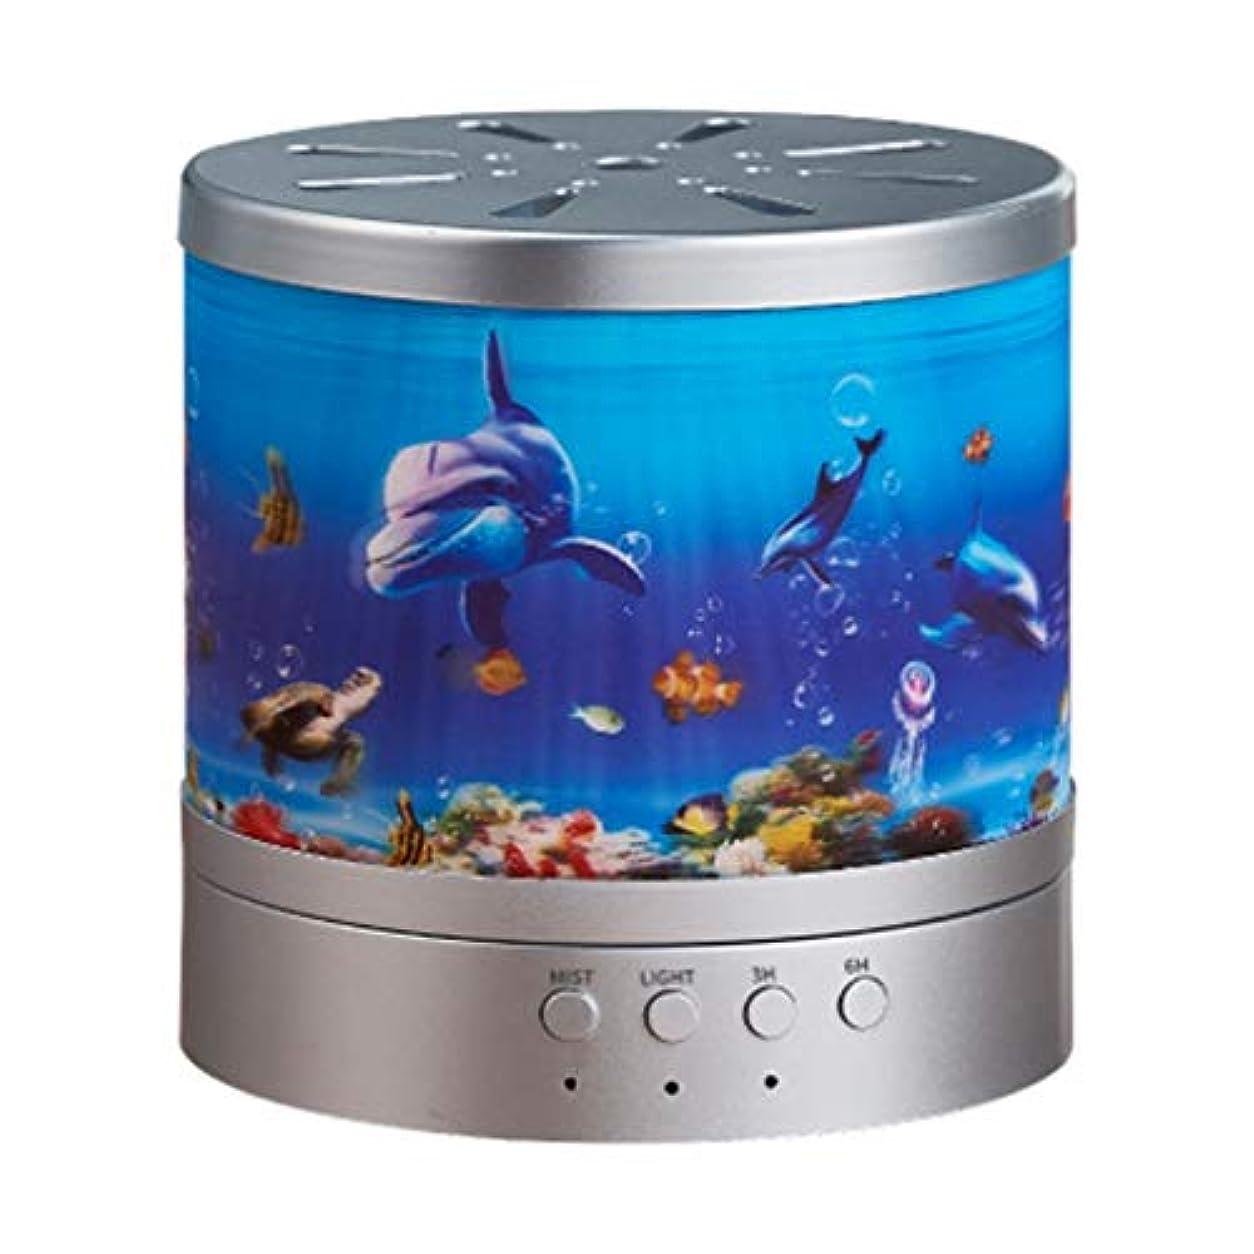 カフェテリア具体的にリンス精油のための海洋の主題の拡散器超音波涼しい霧の加湿器、水なしの自動シャットオフおよび7つの色LEDライトは内務省のために変わります (Color : Silver)